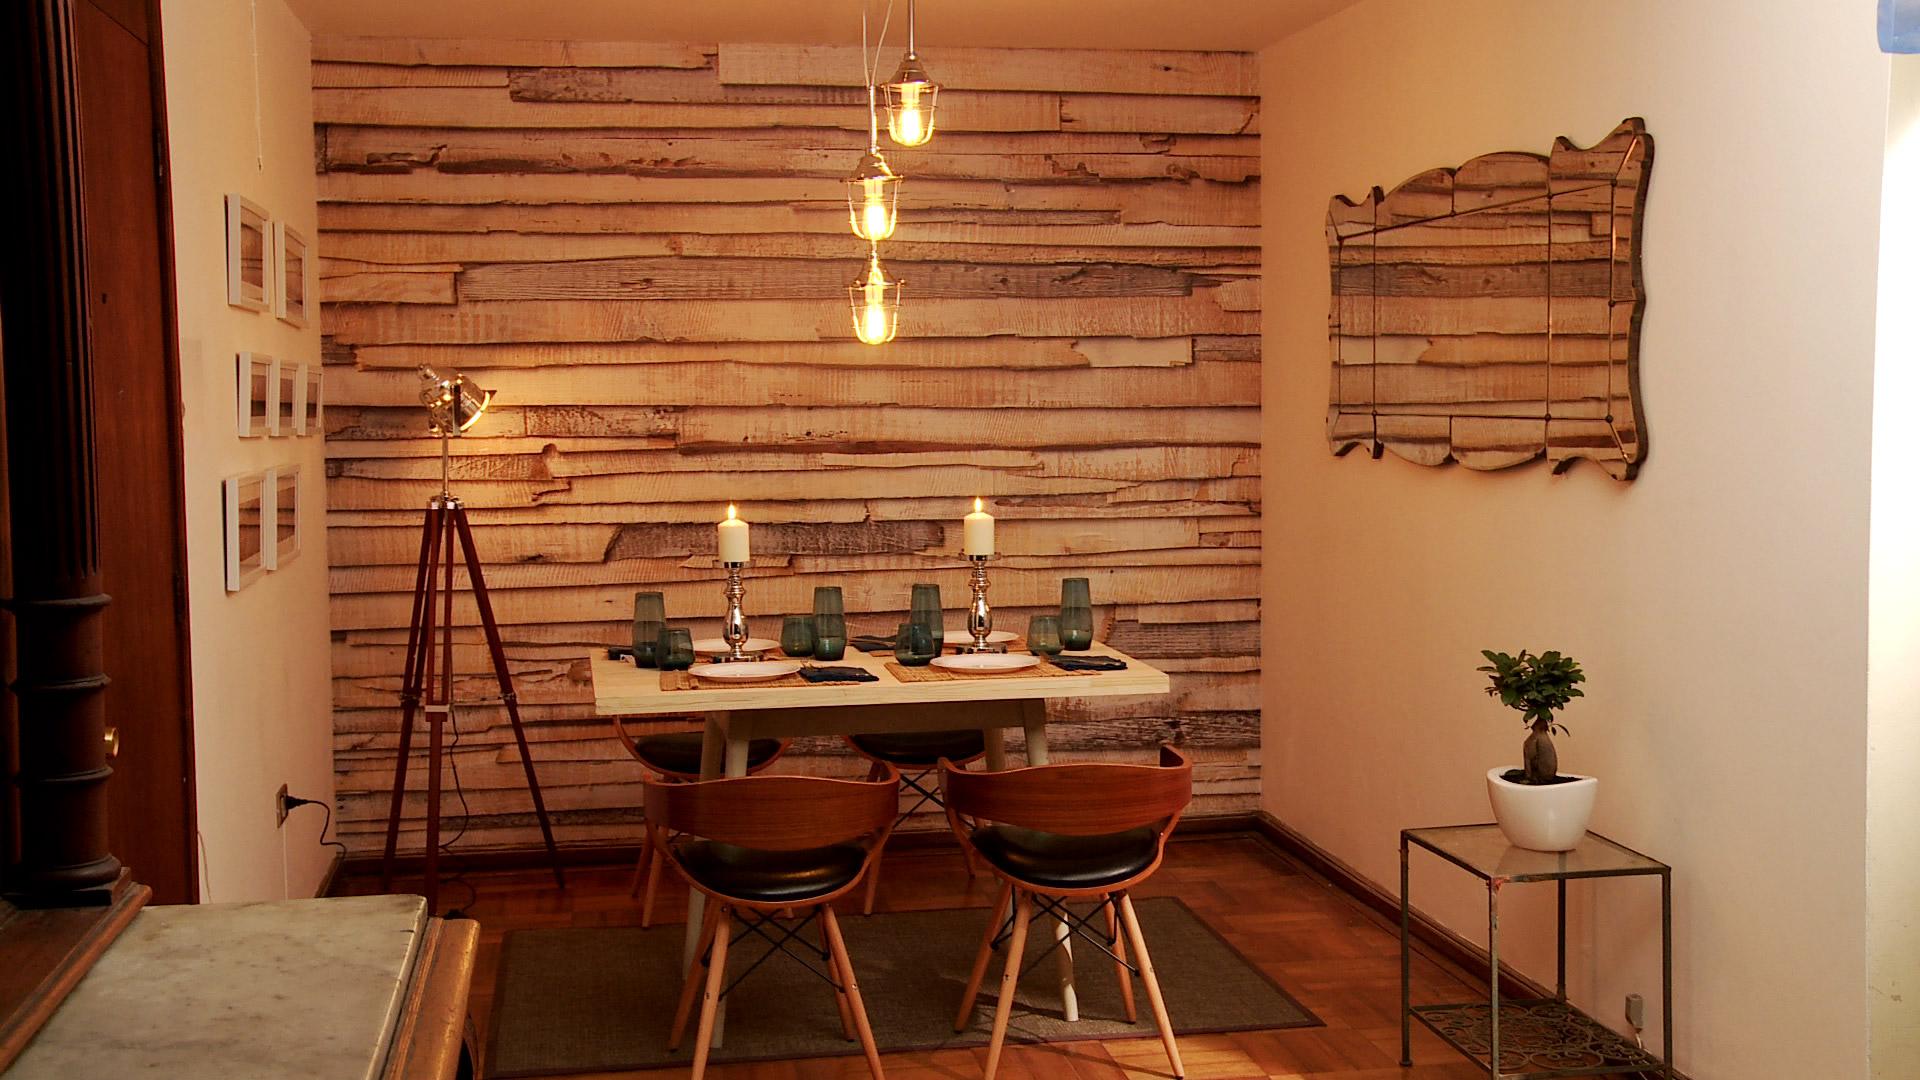 El comedor es uno de los lugar de encuentro de la casa, ahí nos juntamos diariamente, más de una vez, por eso la importancia de tener un ambiente agradable y funcional. Con sencillo elementos mejoraremos el aspecto de un comedor, nos preocuparemos de la decoración, pero también del tamaño y disposición de la mesa para que sea cómoda para la familia.